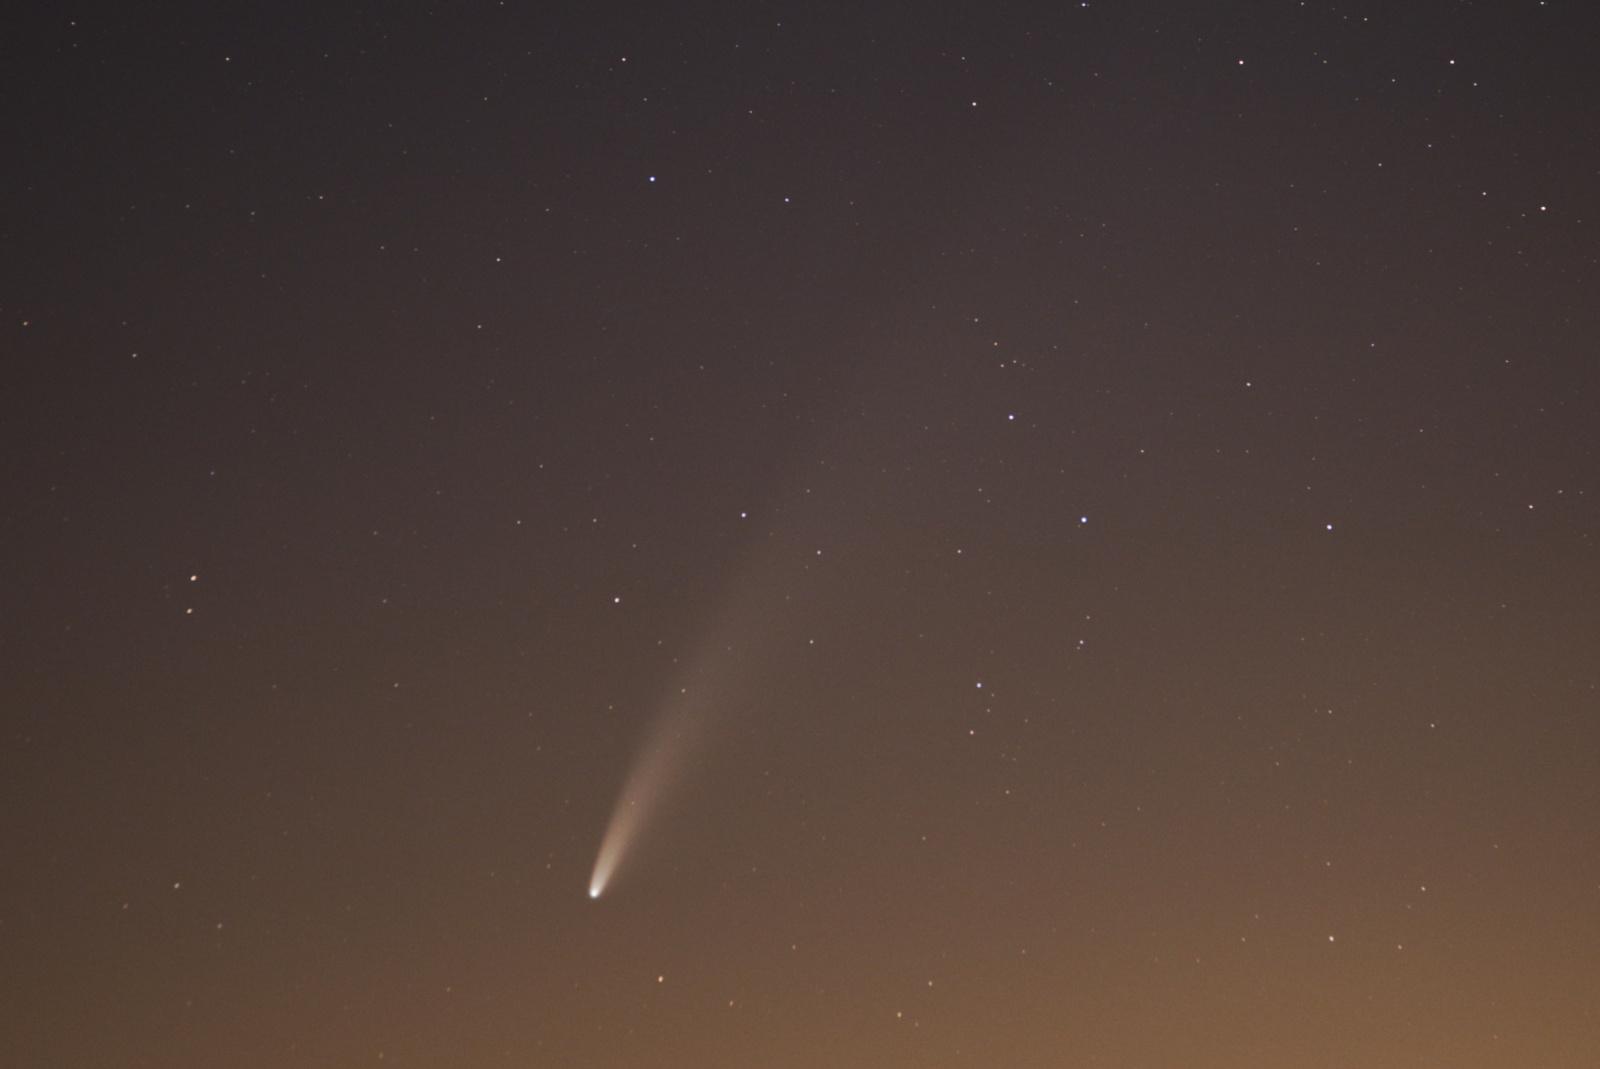 comet_neowise2.jpg